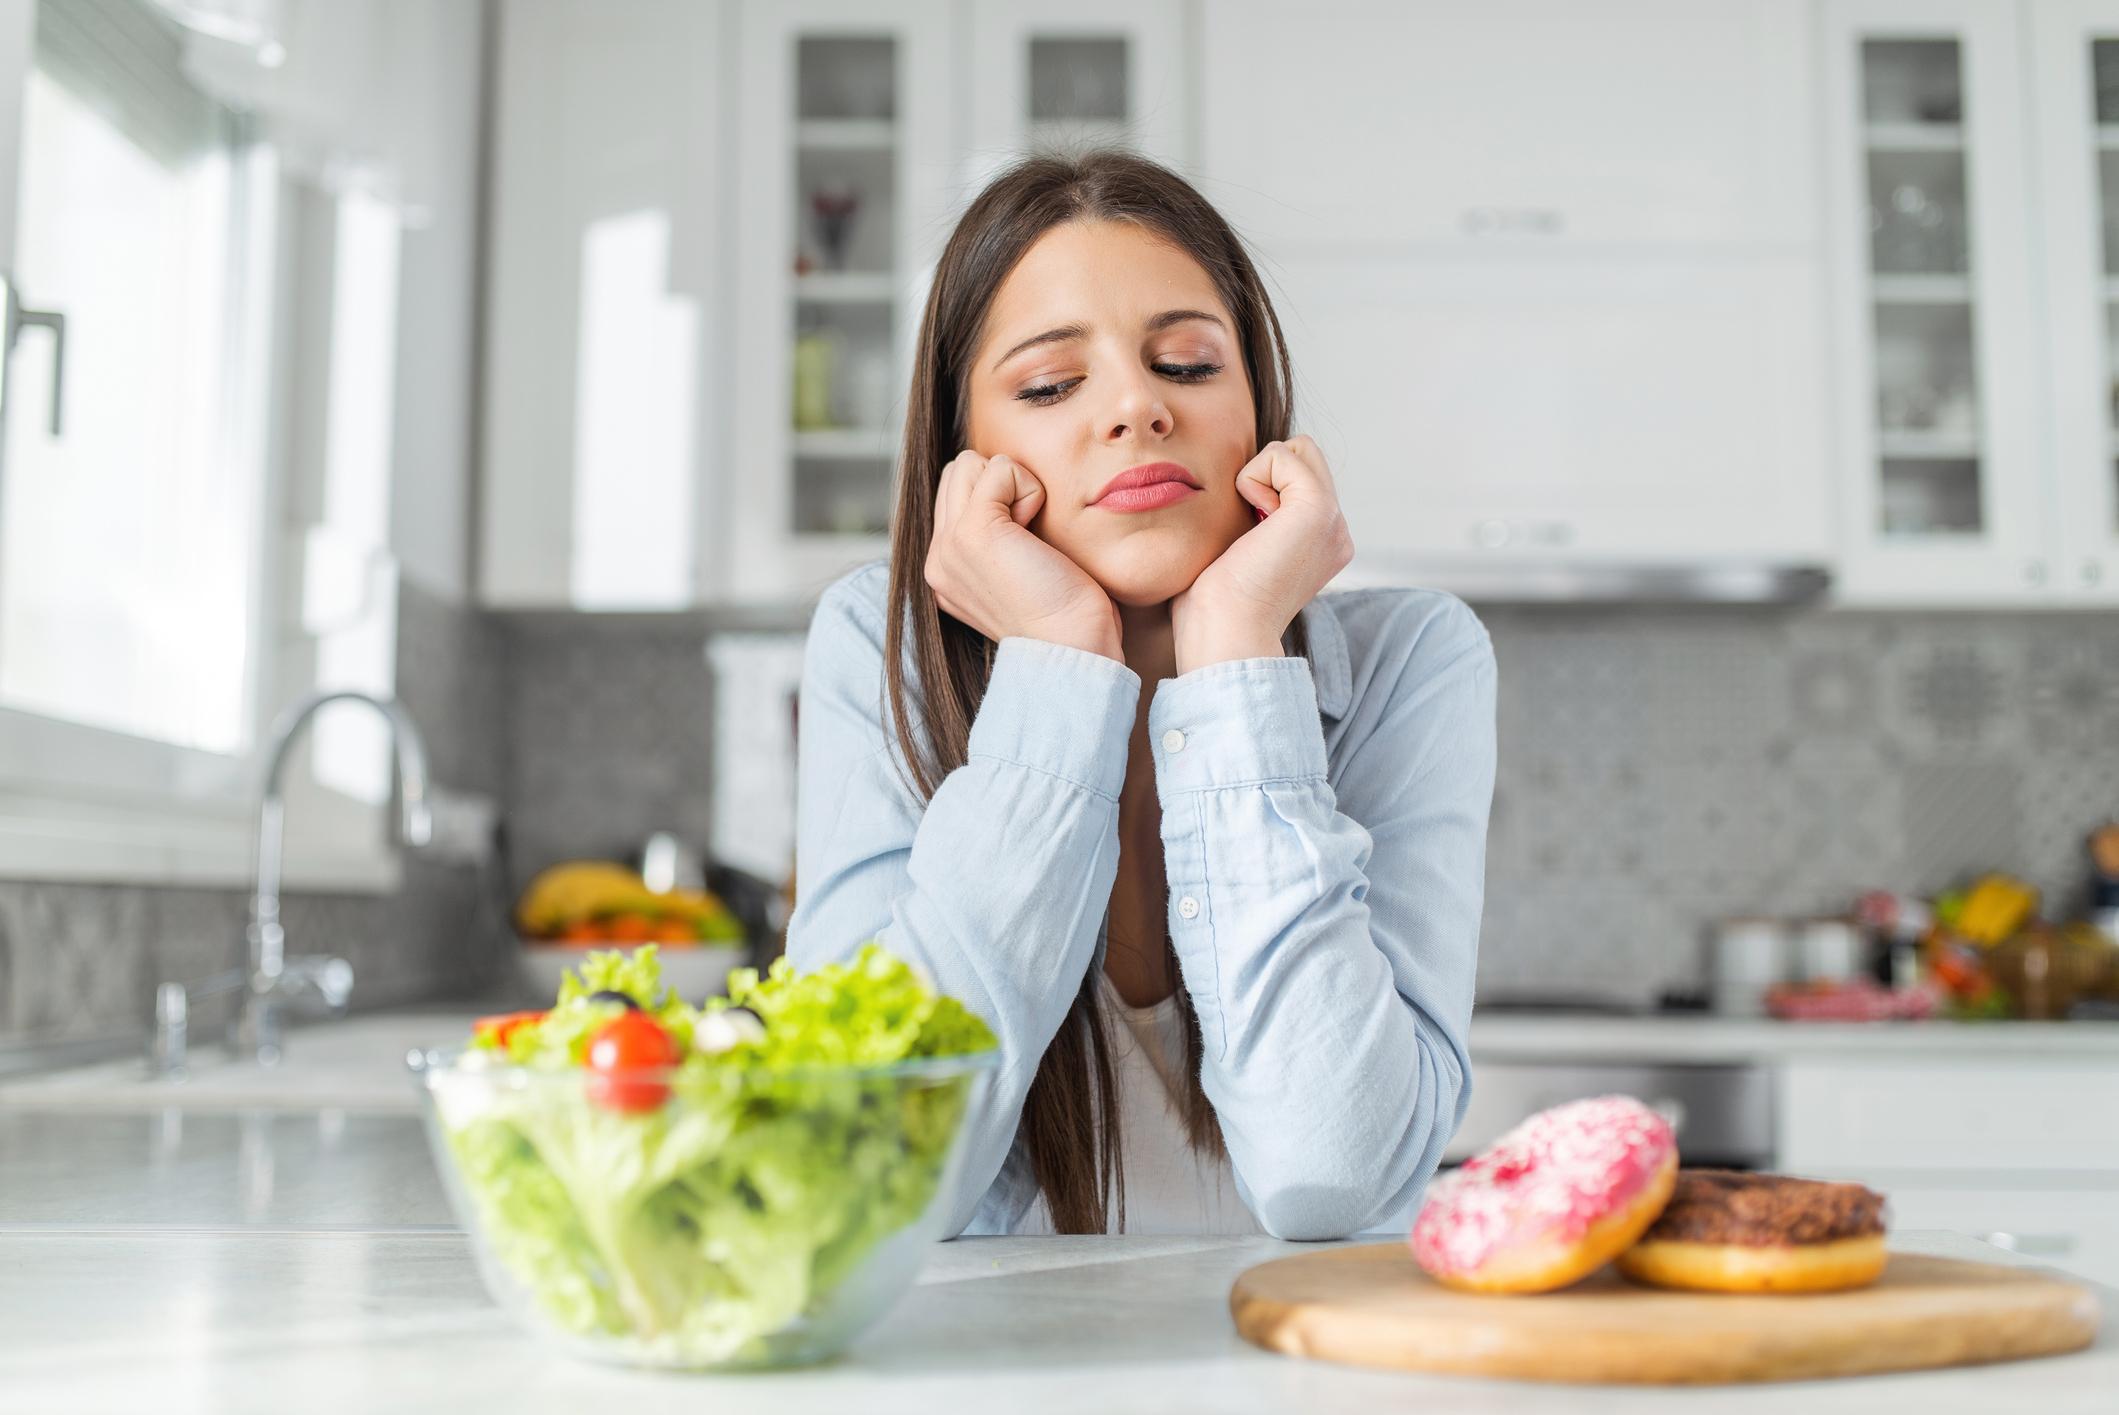 Make Good Diet Choices